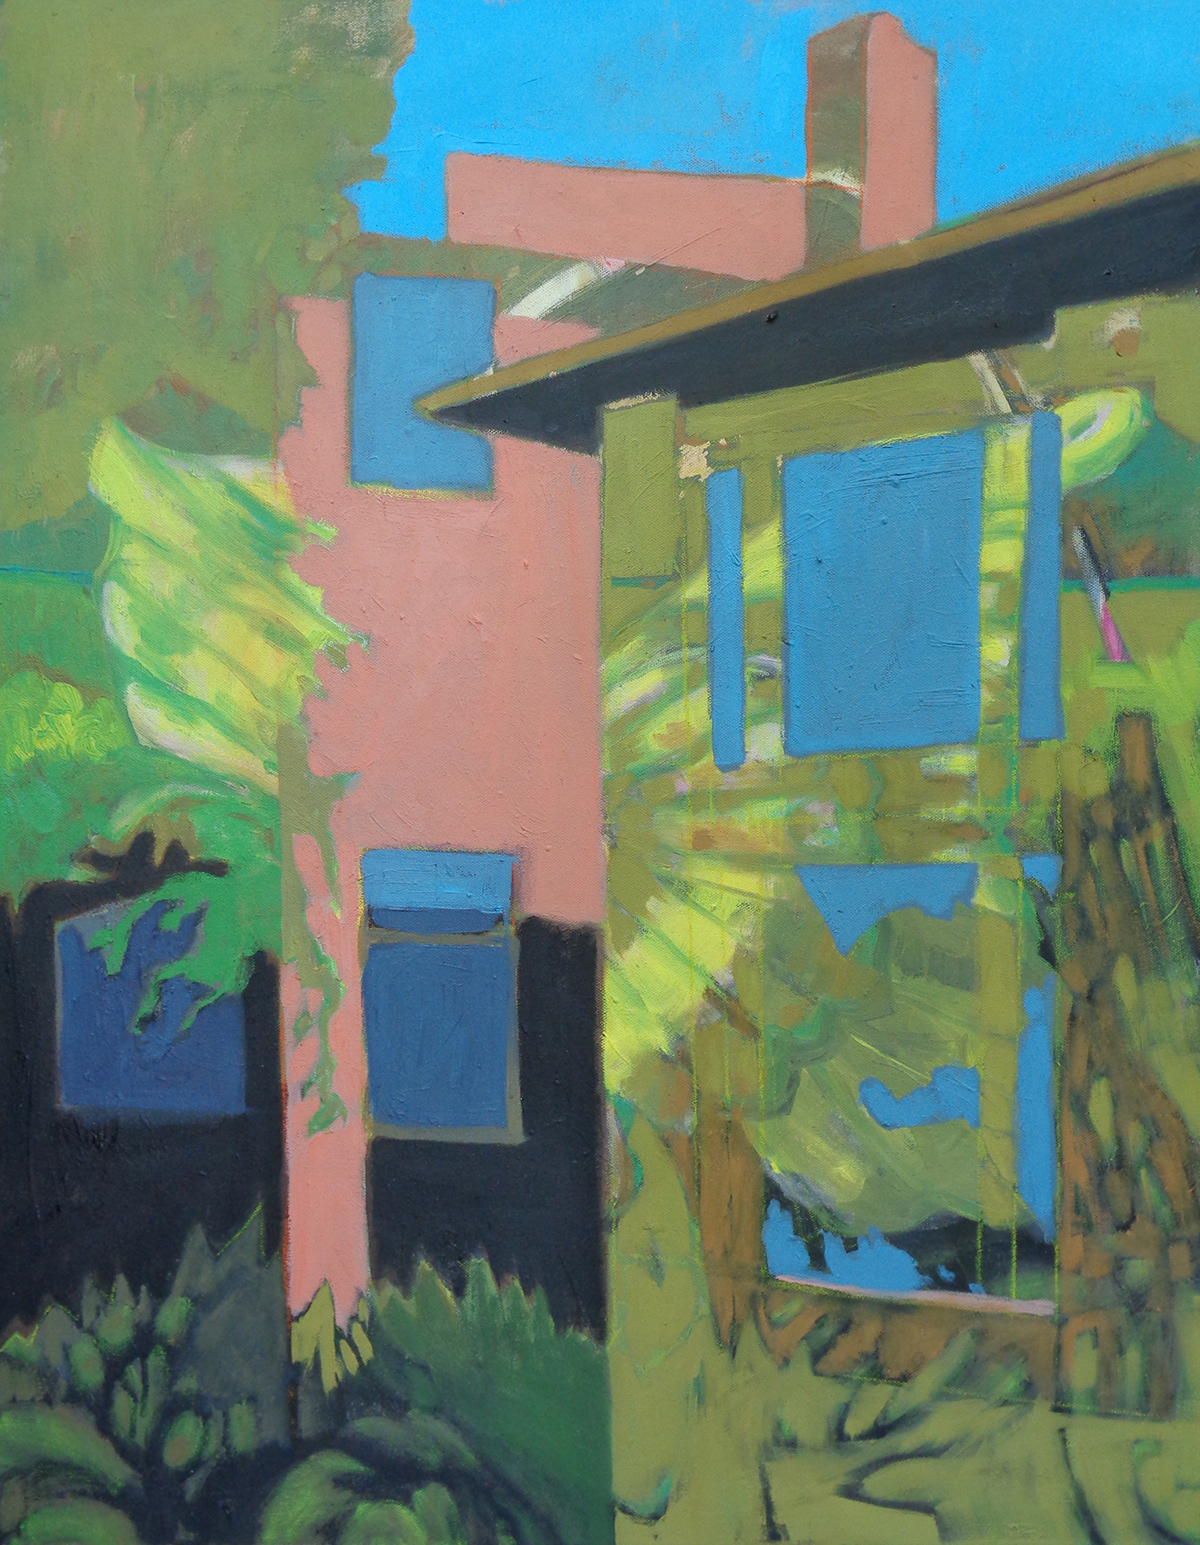 architecture fine art house Landscape Nature Oil Painting plants